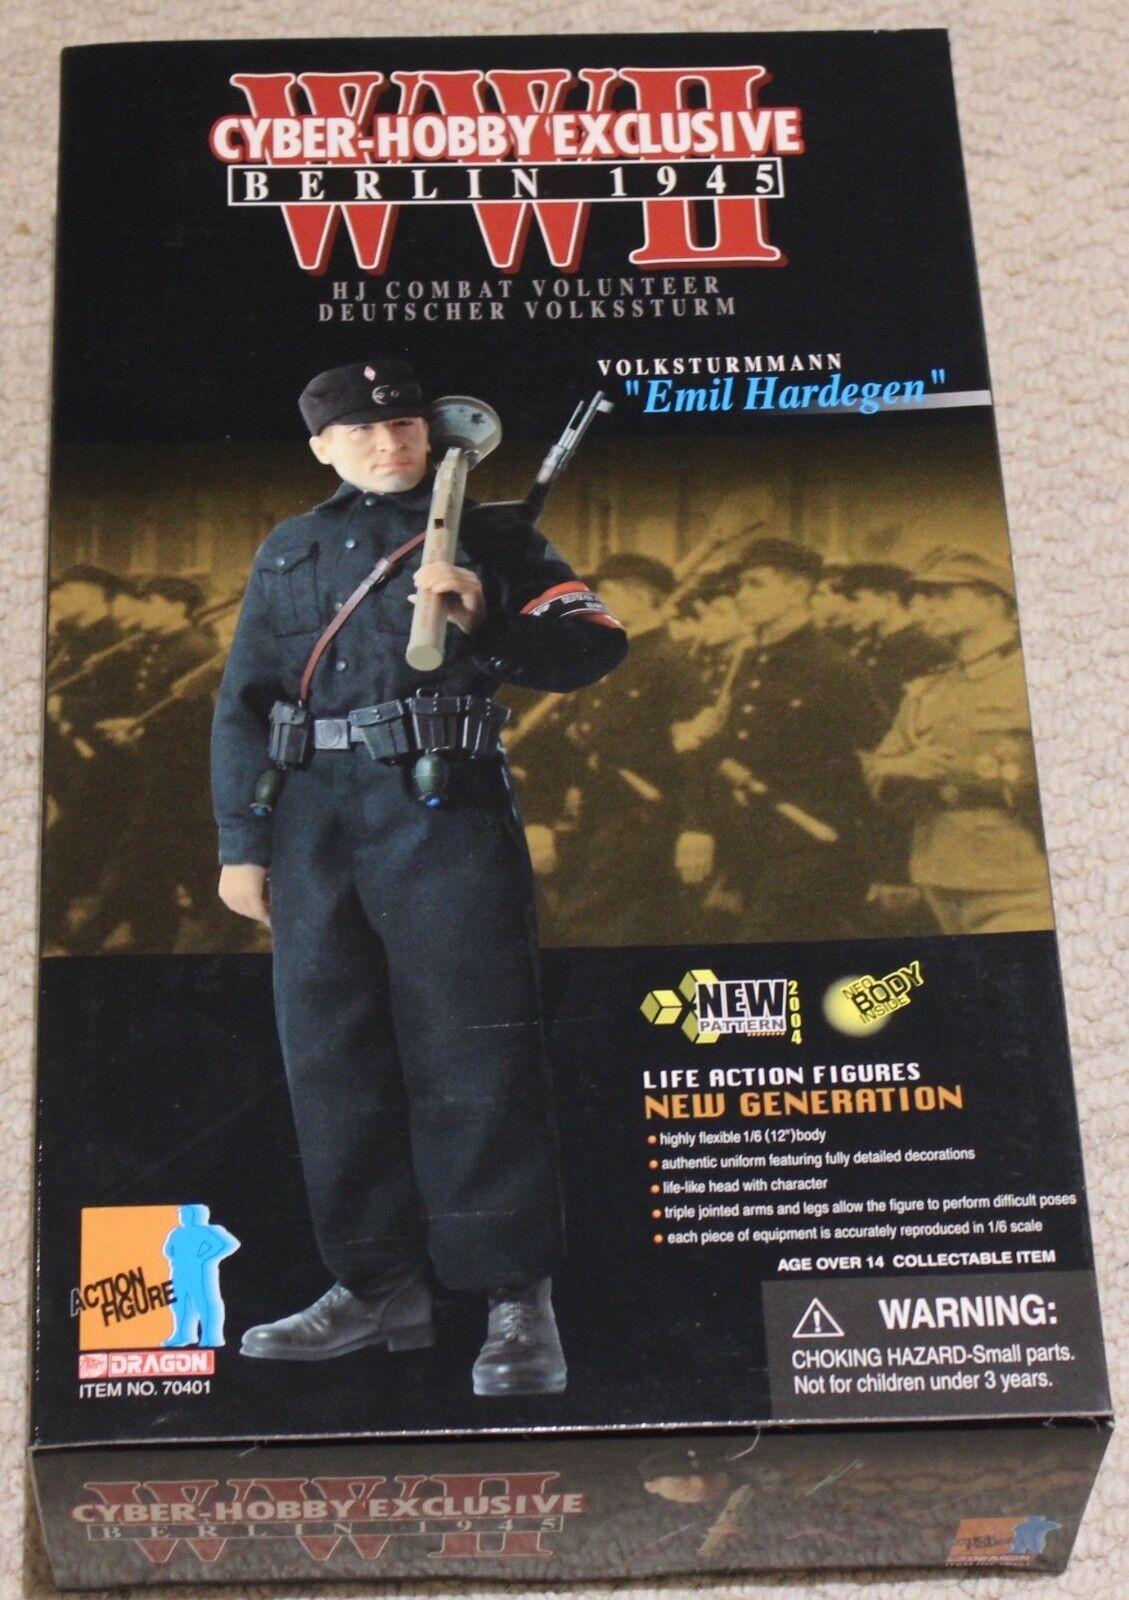 Dragon Action Figure 1 6 ww11 ww11 ww11 tedesco hardegen 12 in scatola ha fatto Cyber HOT Toy 84838b